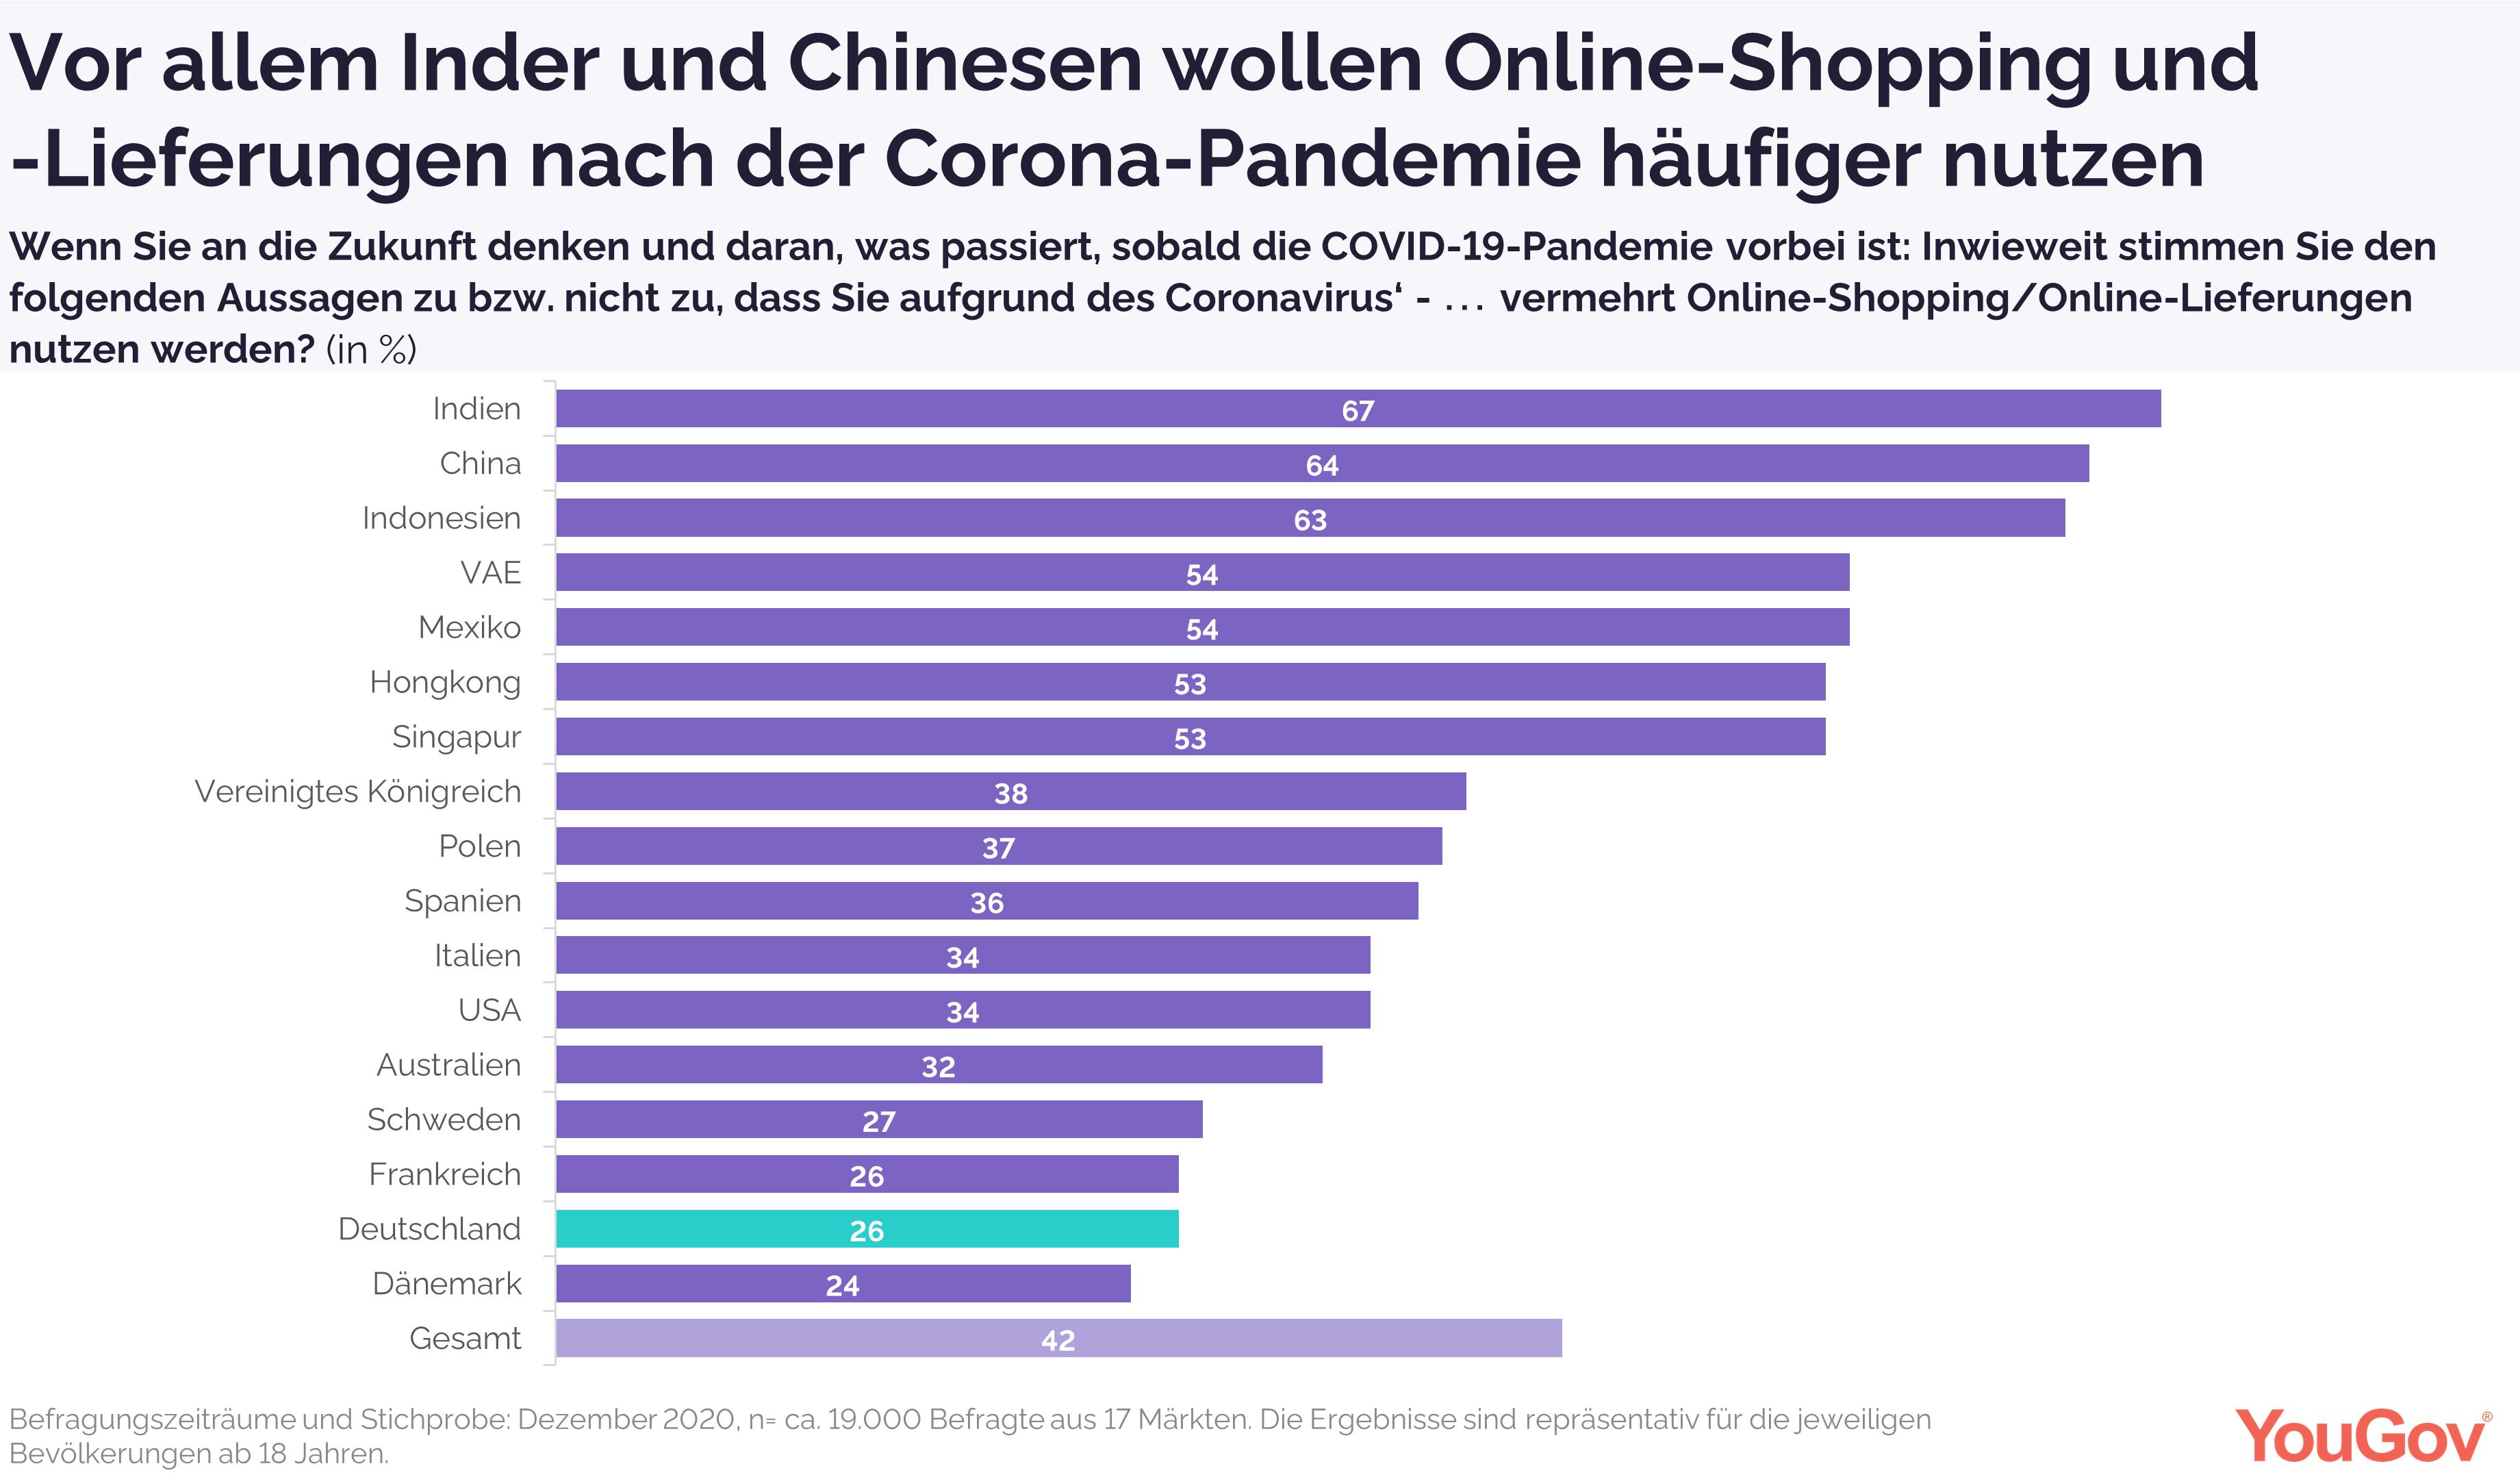 Vermehrtes Online-Shopping nach der Krise?